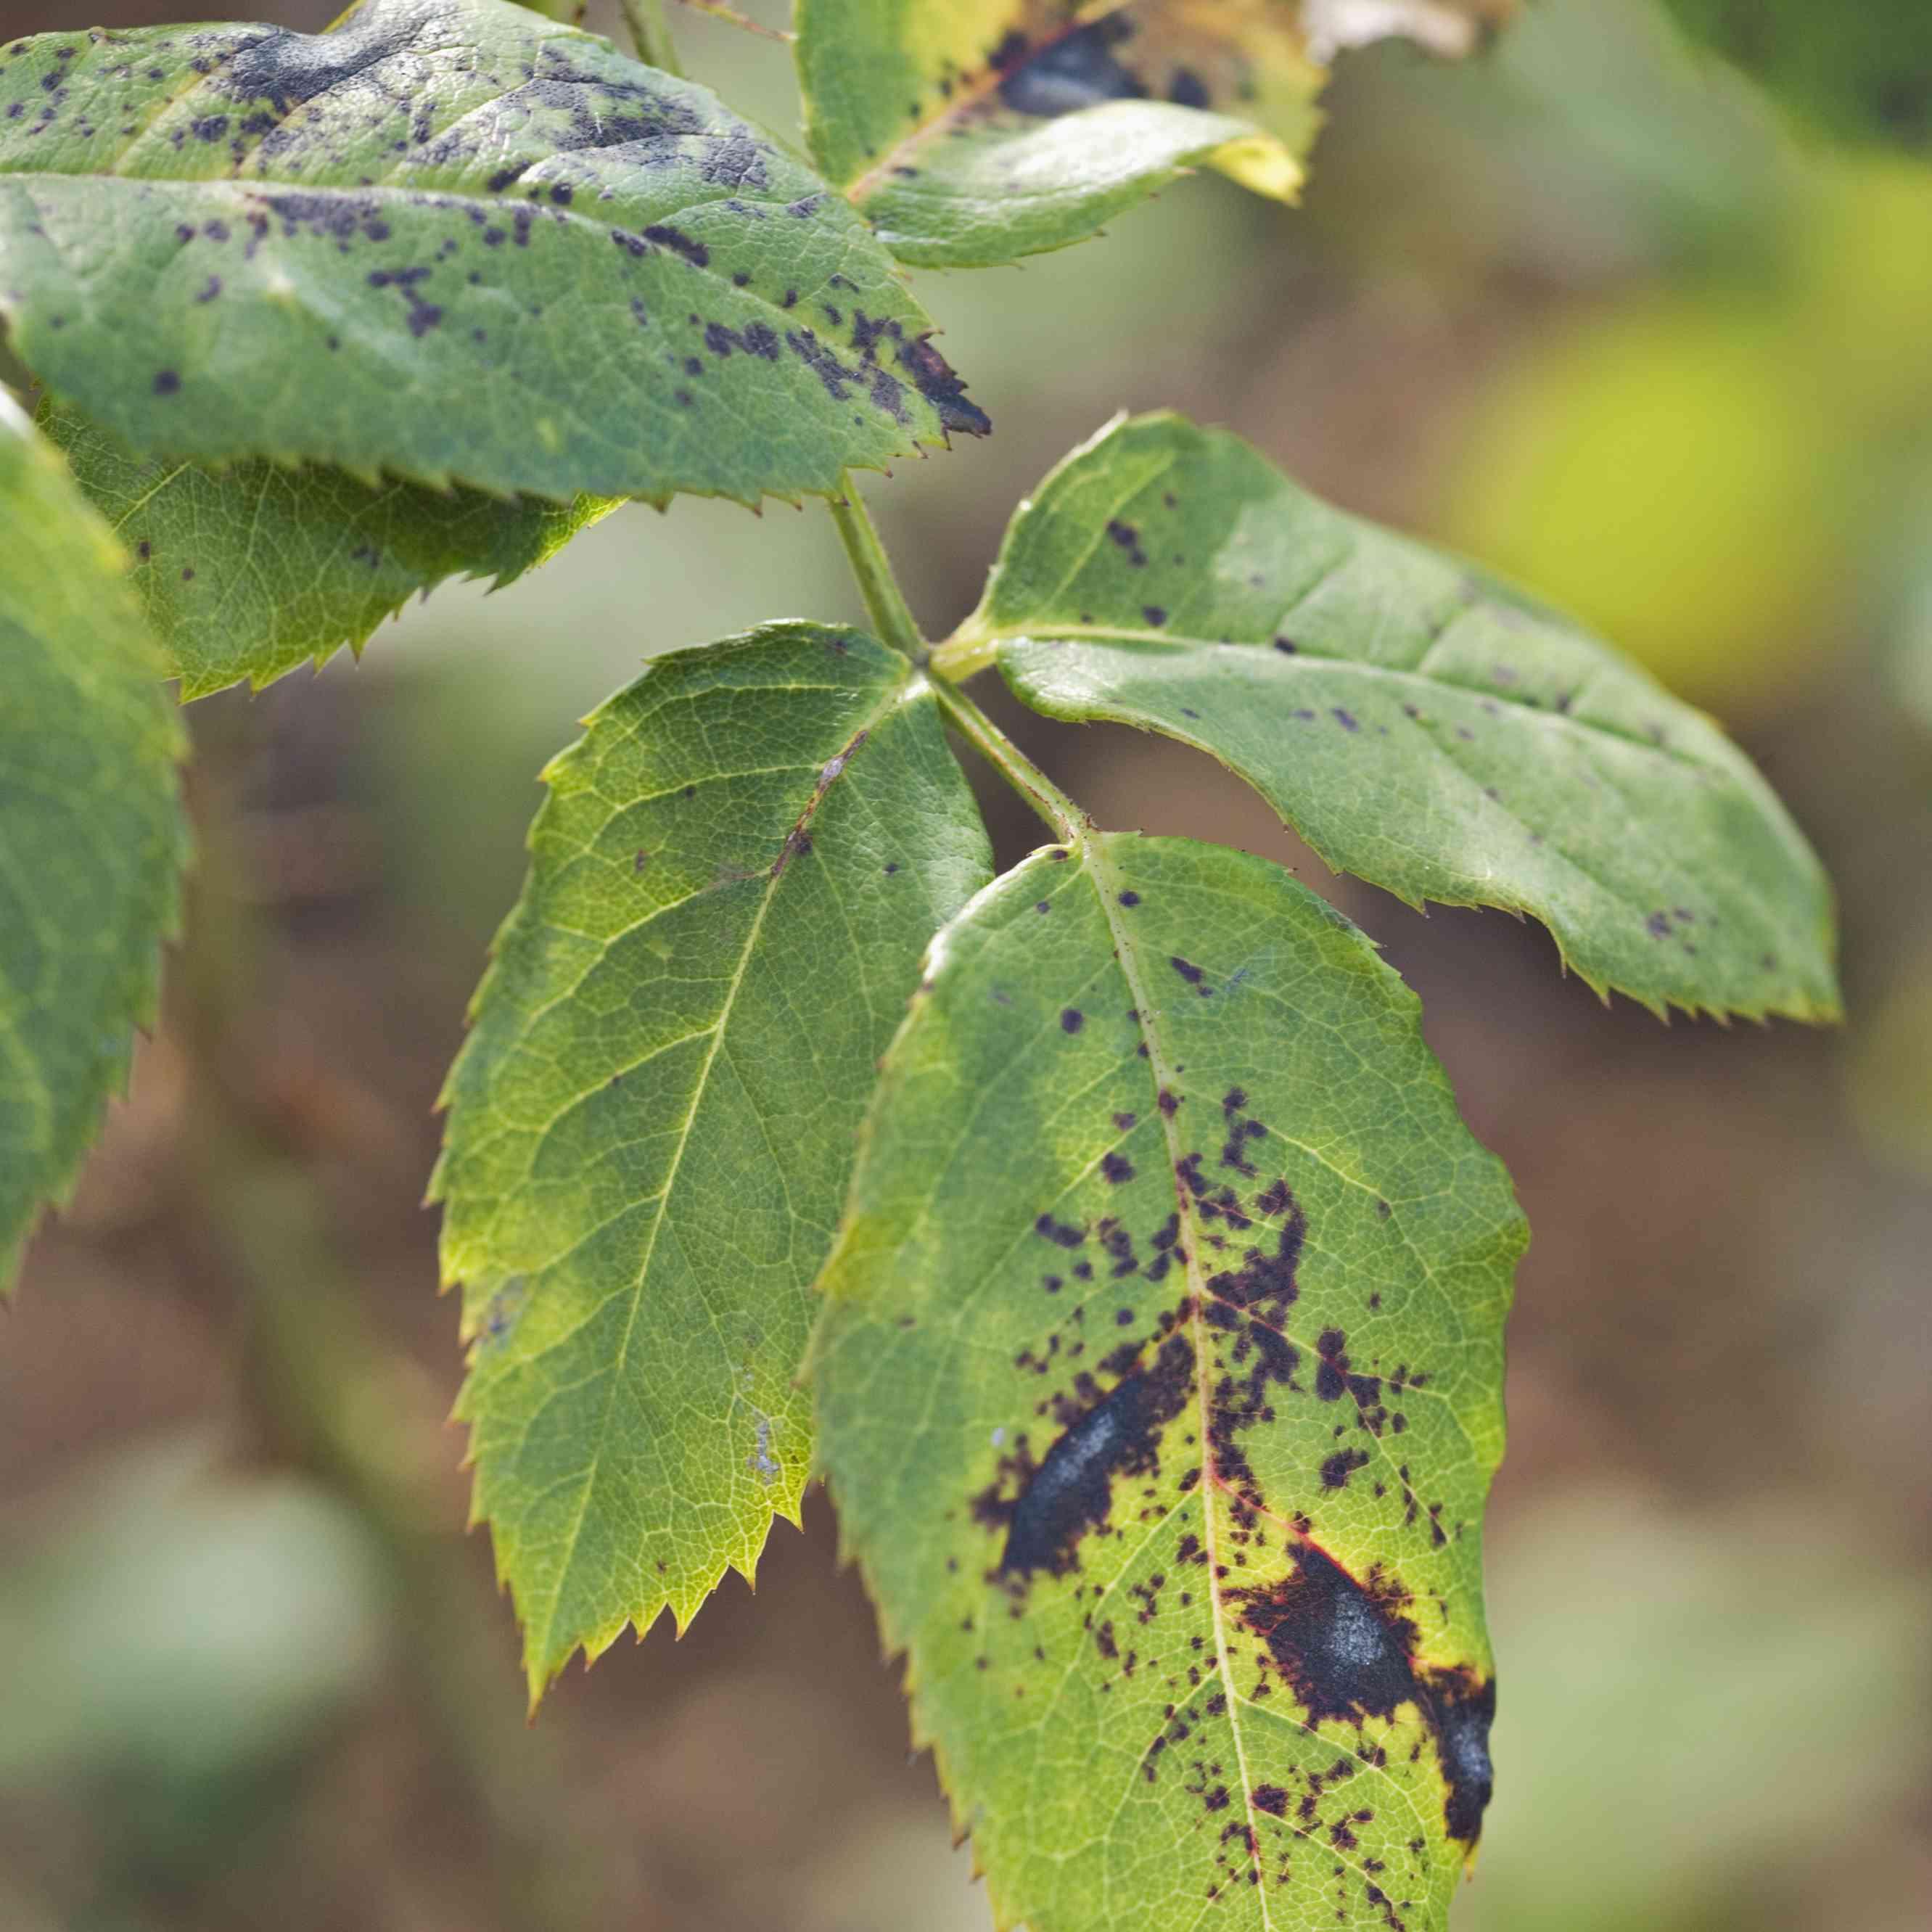 Black spot on rose leaves